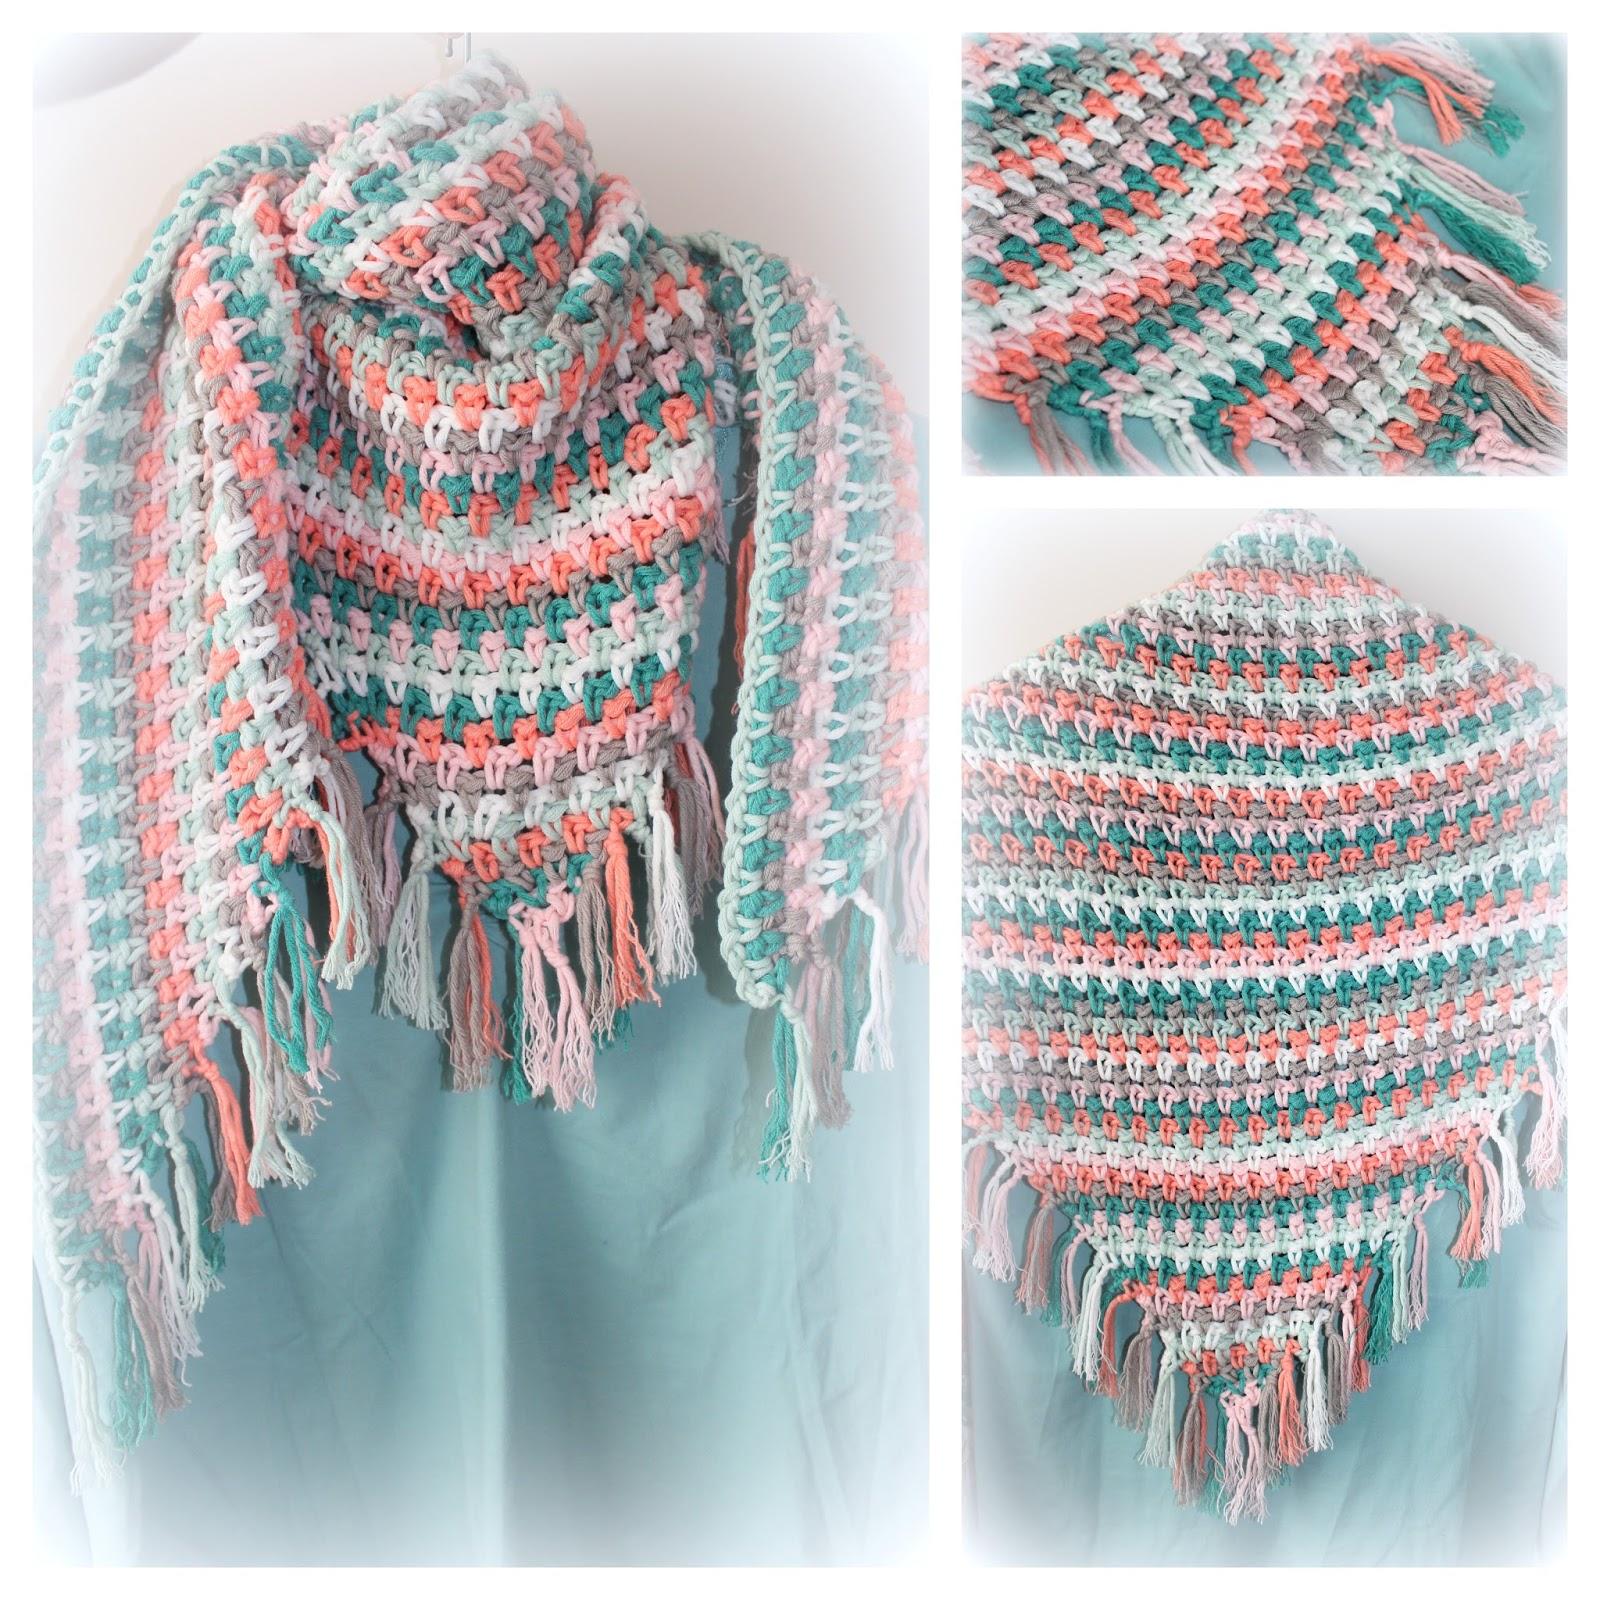 Crochet Of Joy December 2015